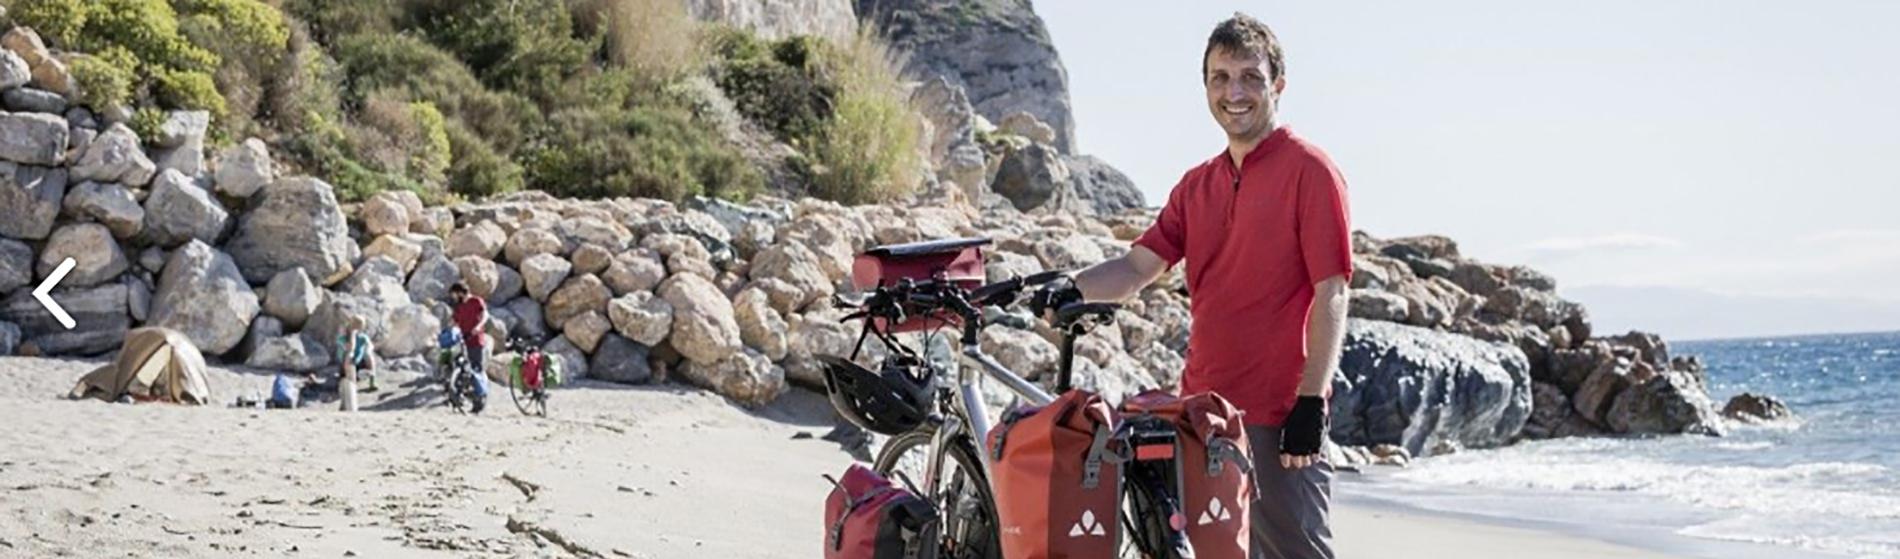 concours - cyclotourisme - sacoche vélo - cyclonomade